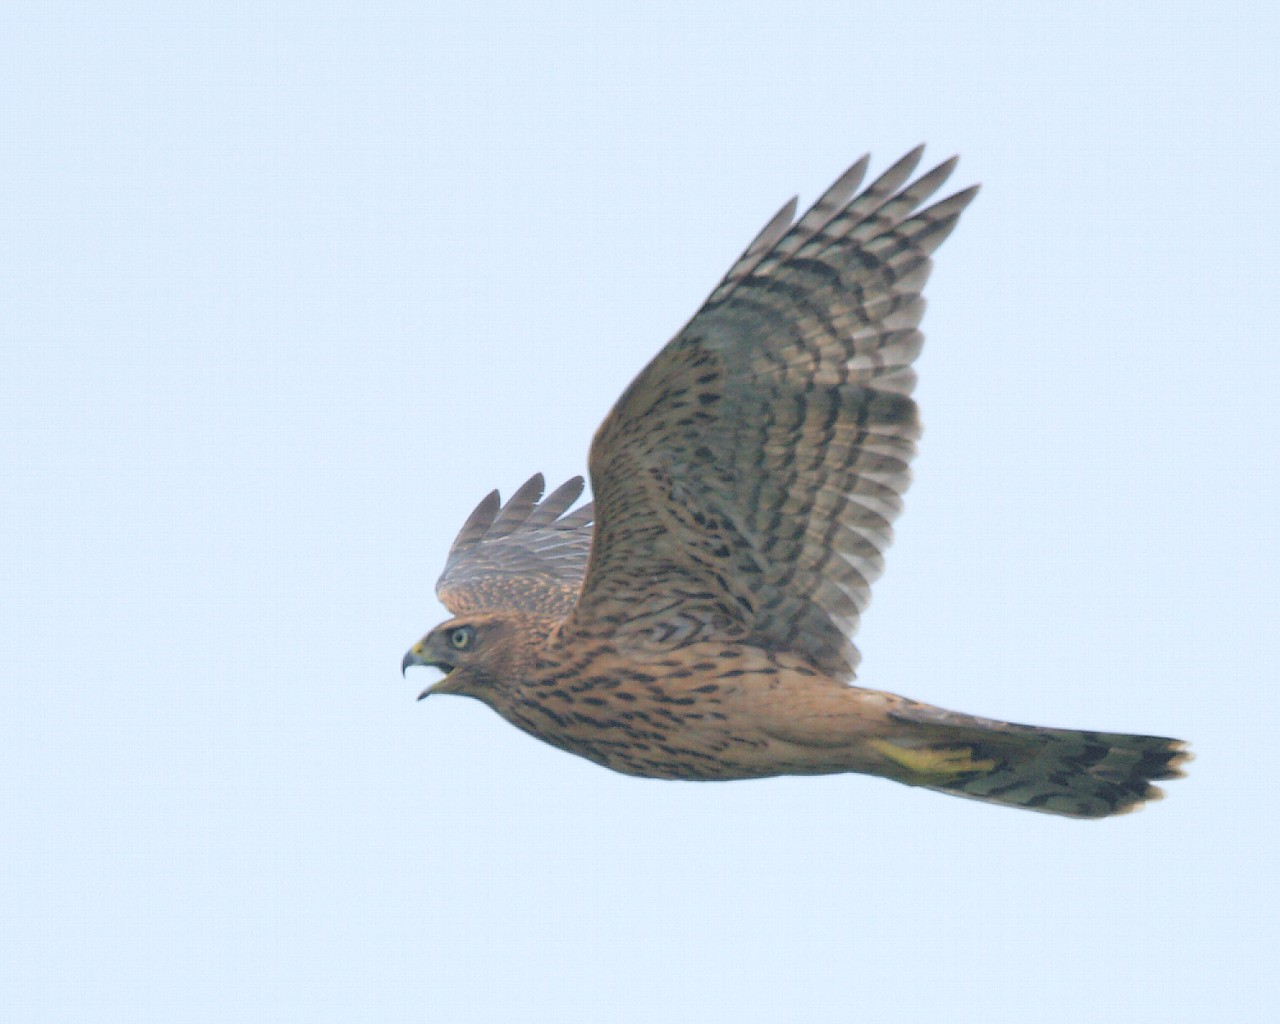 オオタカ幼鳥飛翔_f0105570_2049548.jpg